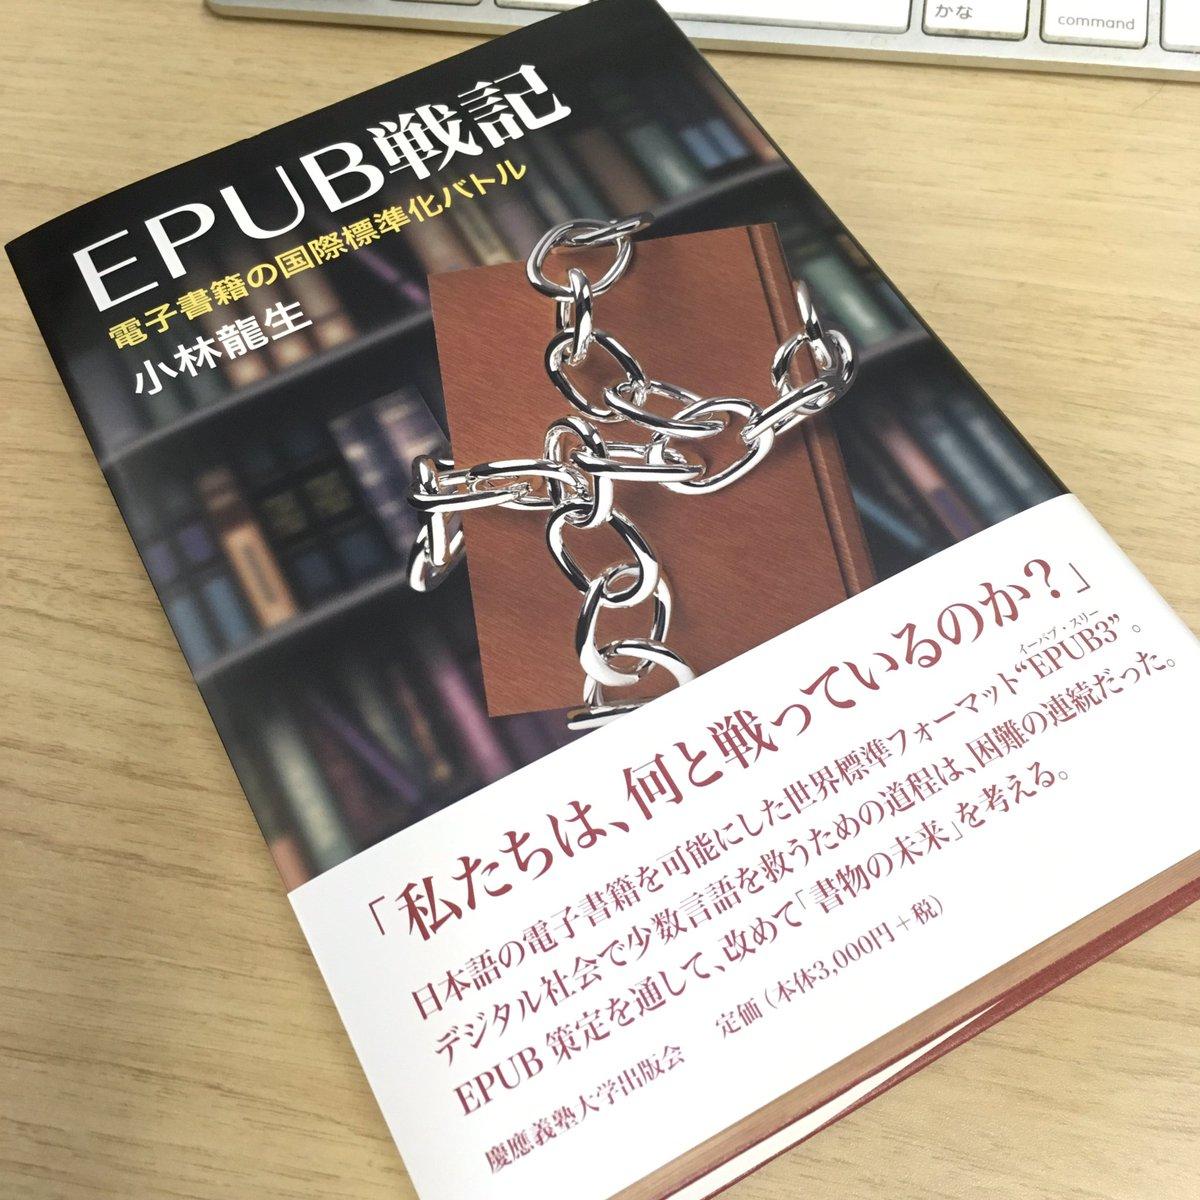 小林龍生さんより著者『EPUB戦記 電子書籍の国際標準化バトル』をお送り頂きました。ありがとうございます。EPUBのみならず日本語と技術標準化を巡る様々な歴史が書かれていました。僕の名前もチラッと登場。本日発売です。 https://t.co/URF6a1kz7f